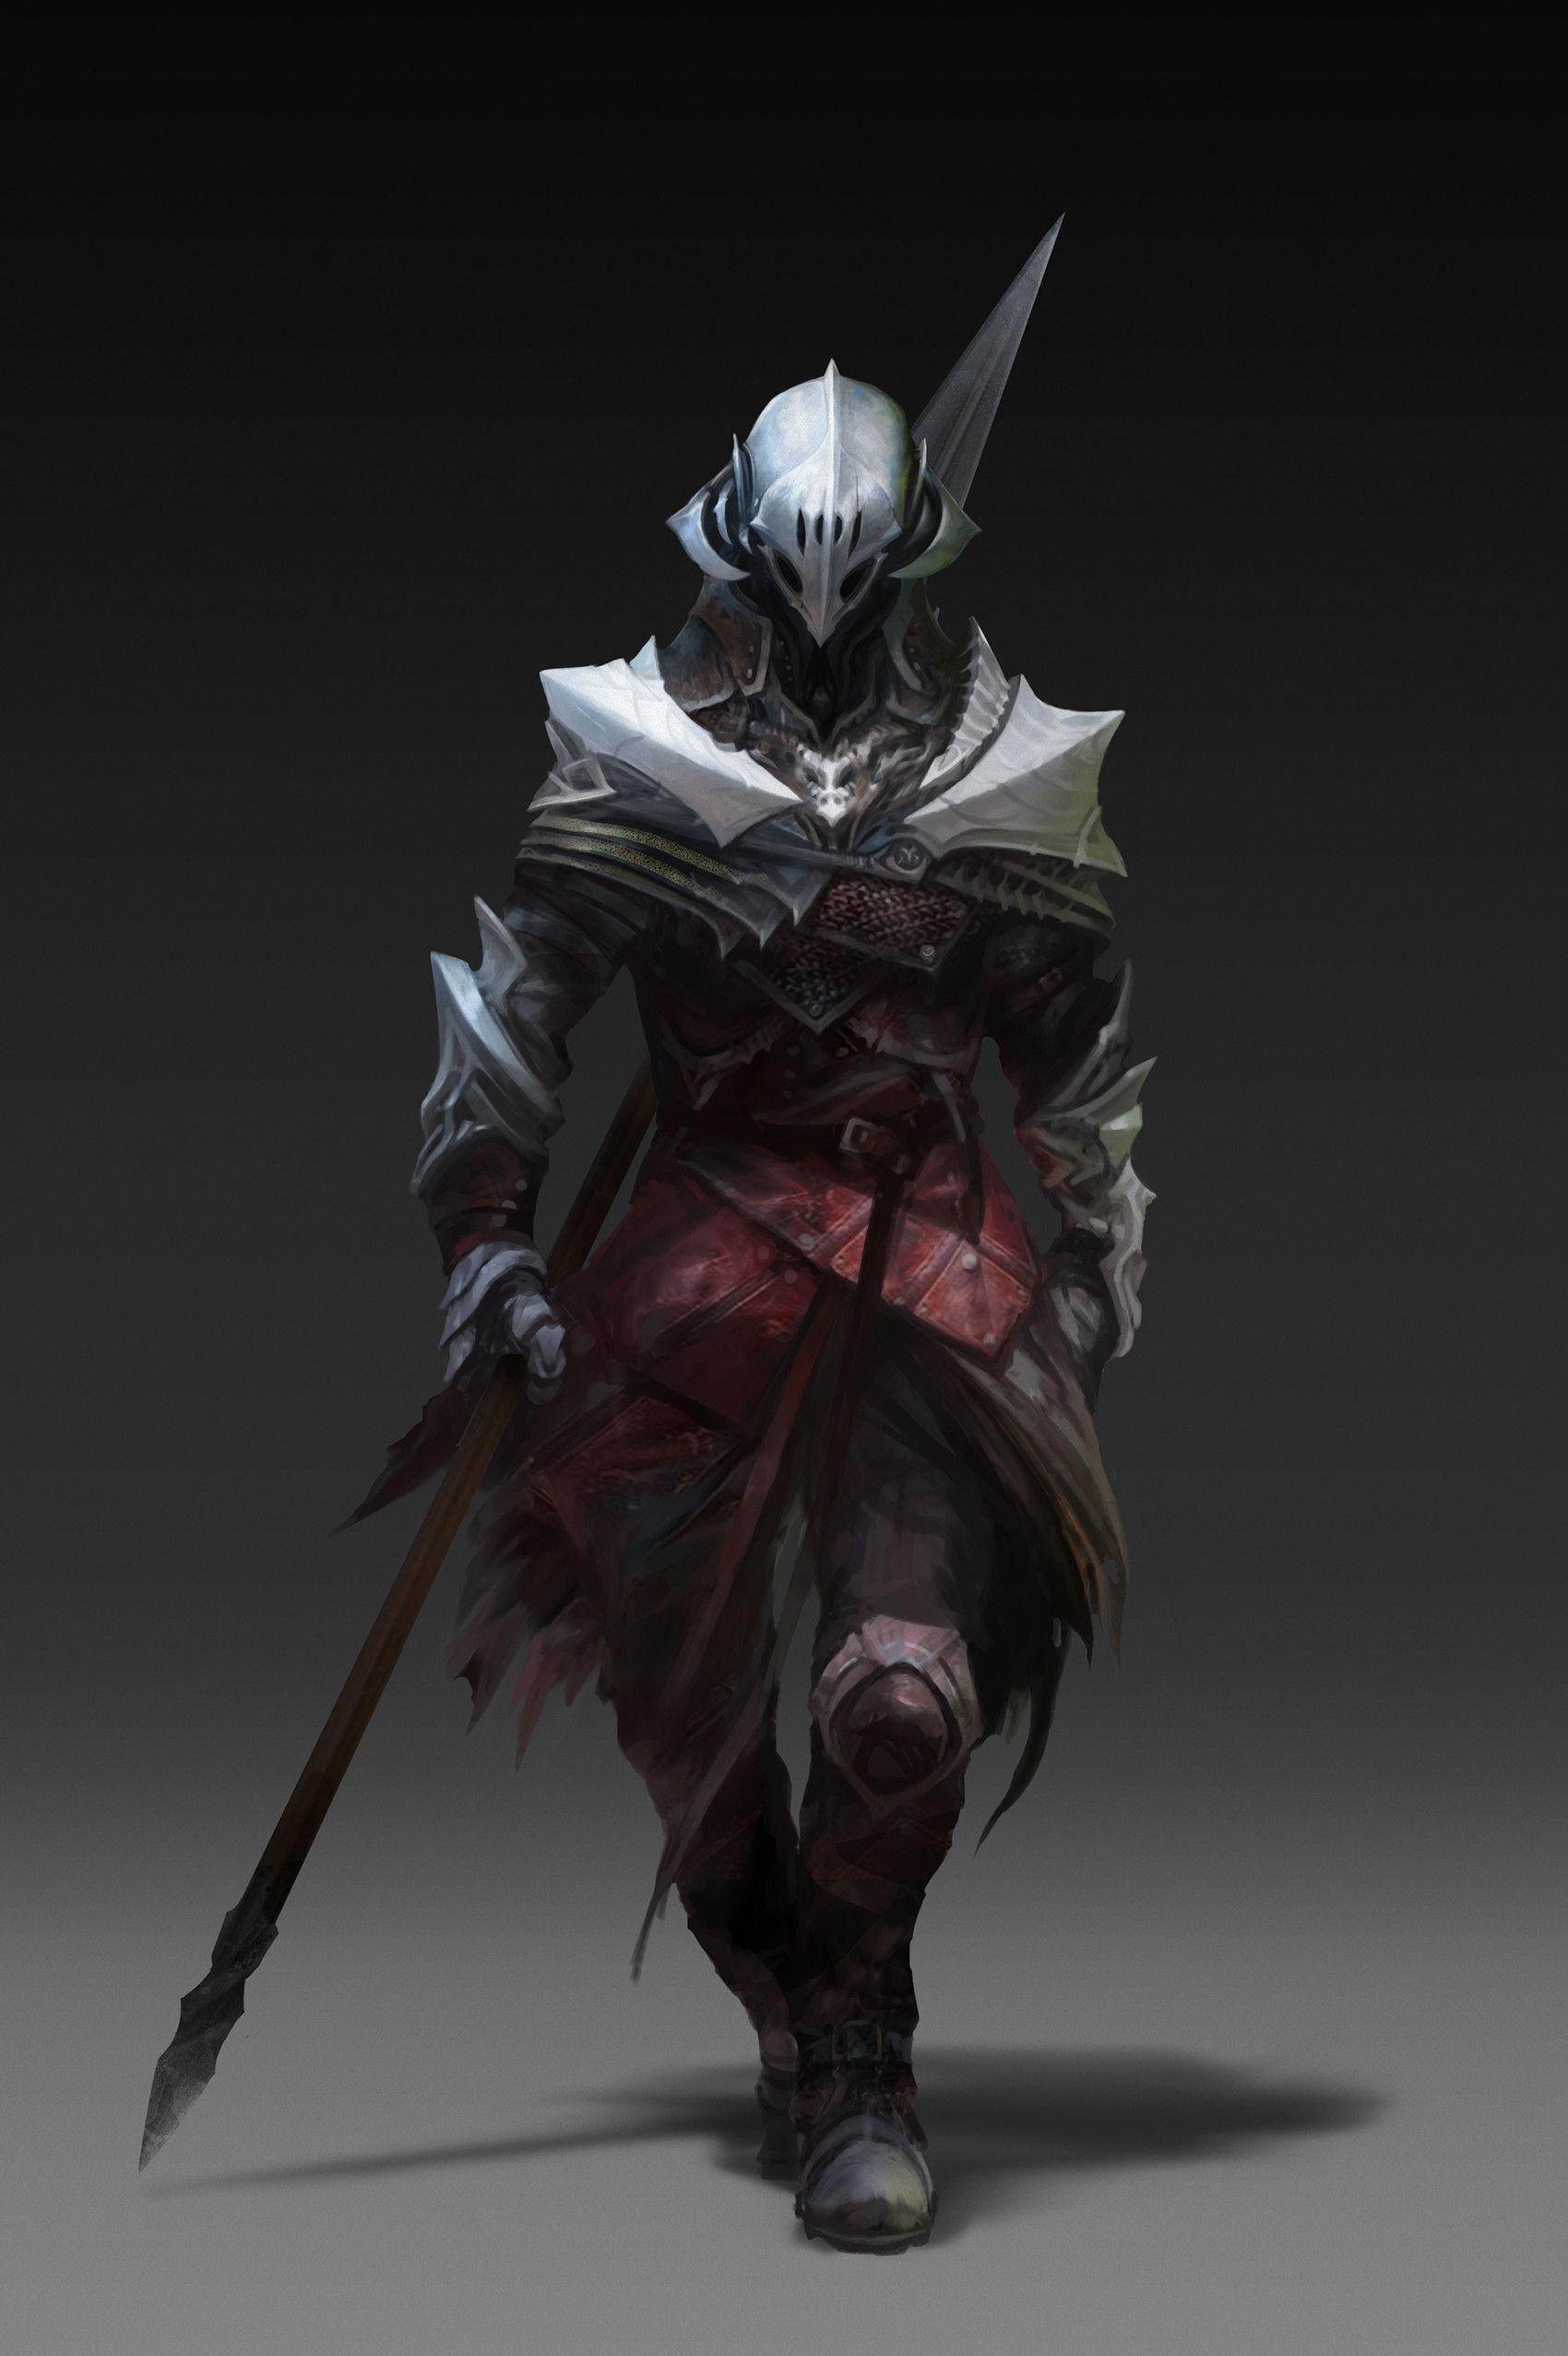 ArtStation - Knights -Gargoyle-, IL Kim | Fantasy art ...